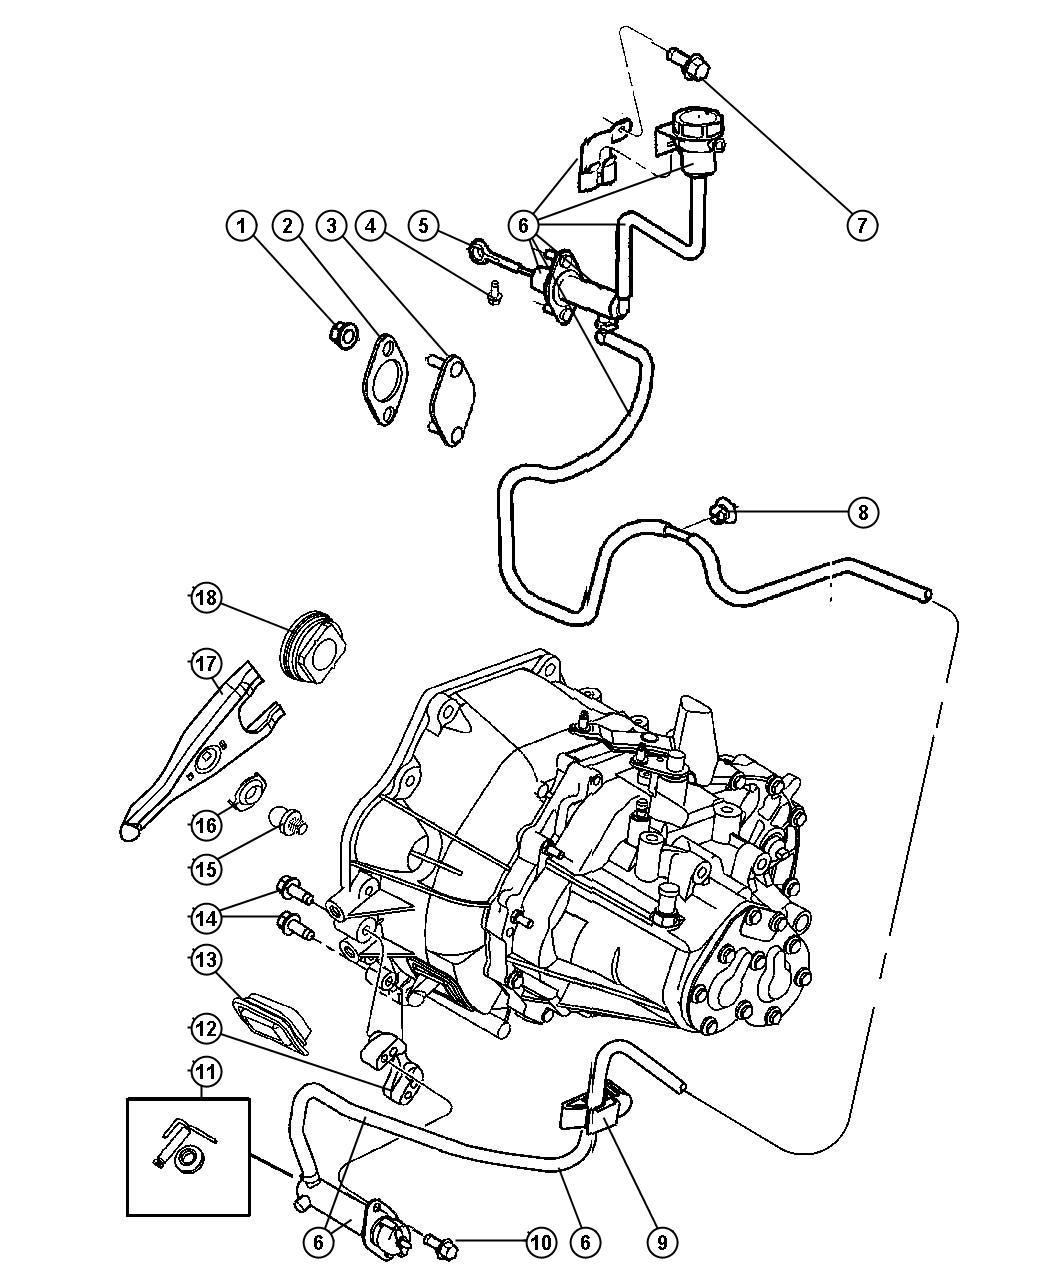 hight resolution of 2006 pt cruiser rear suspension diagram imageresizertool com 2001 chrysler pt cruiser engine diagram 2010 pt cruiser engine diagram